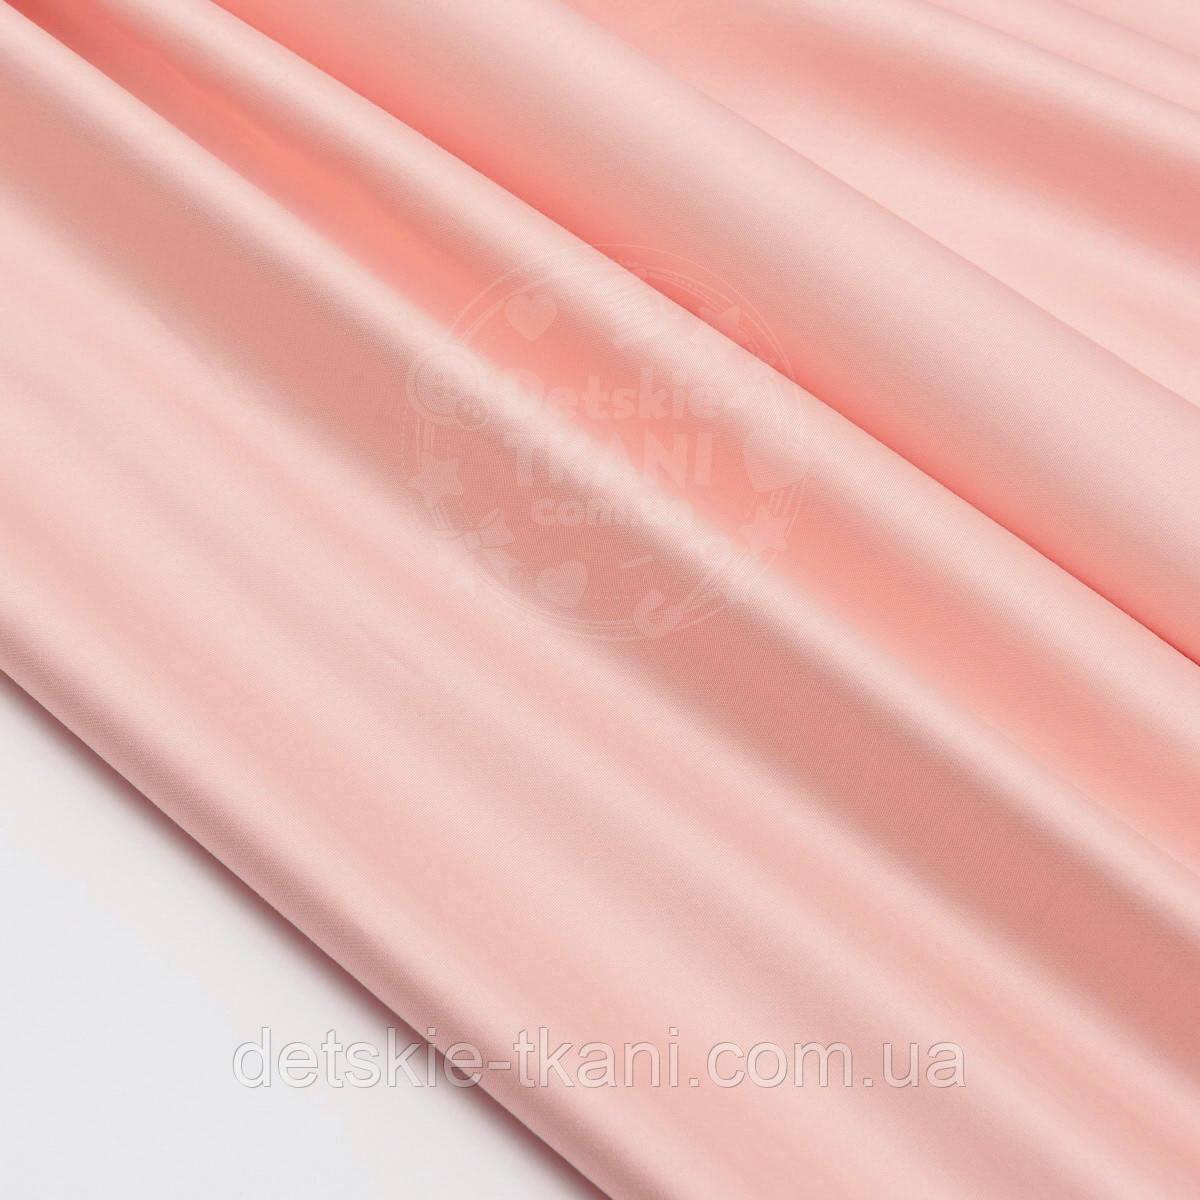 Лоскут сатина цвет бежевая пудра (№1531с), размер 39*120 см